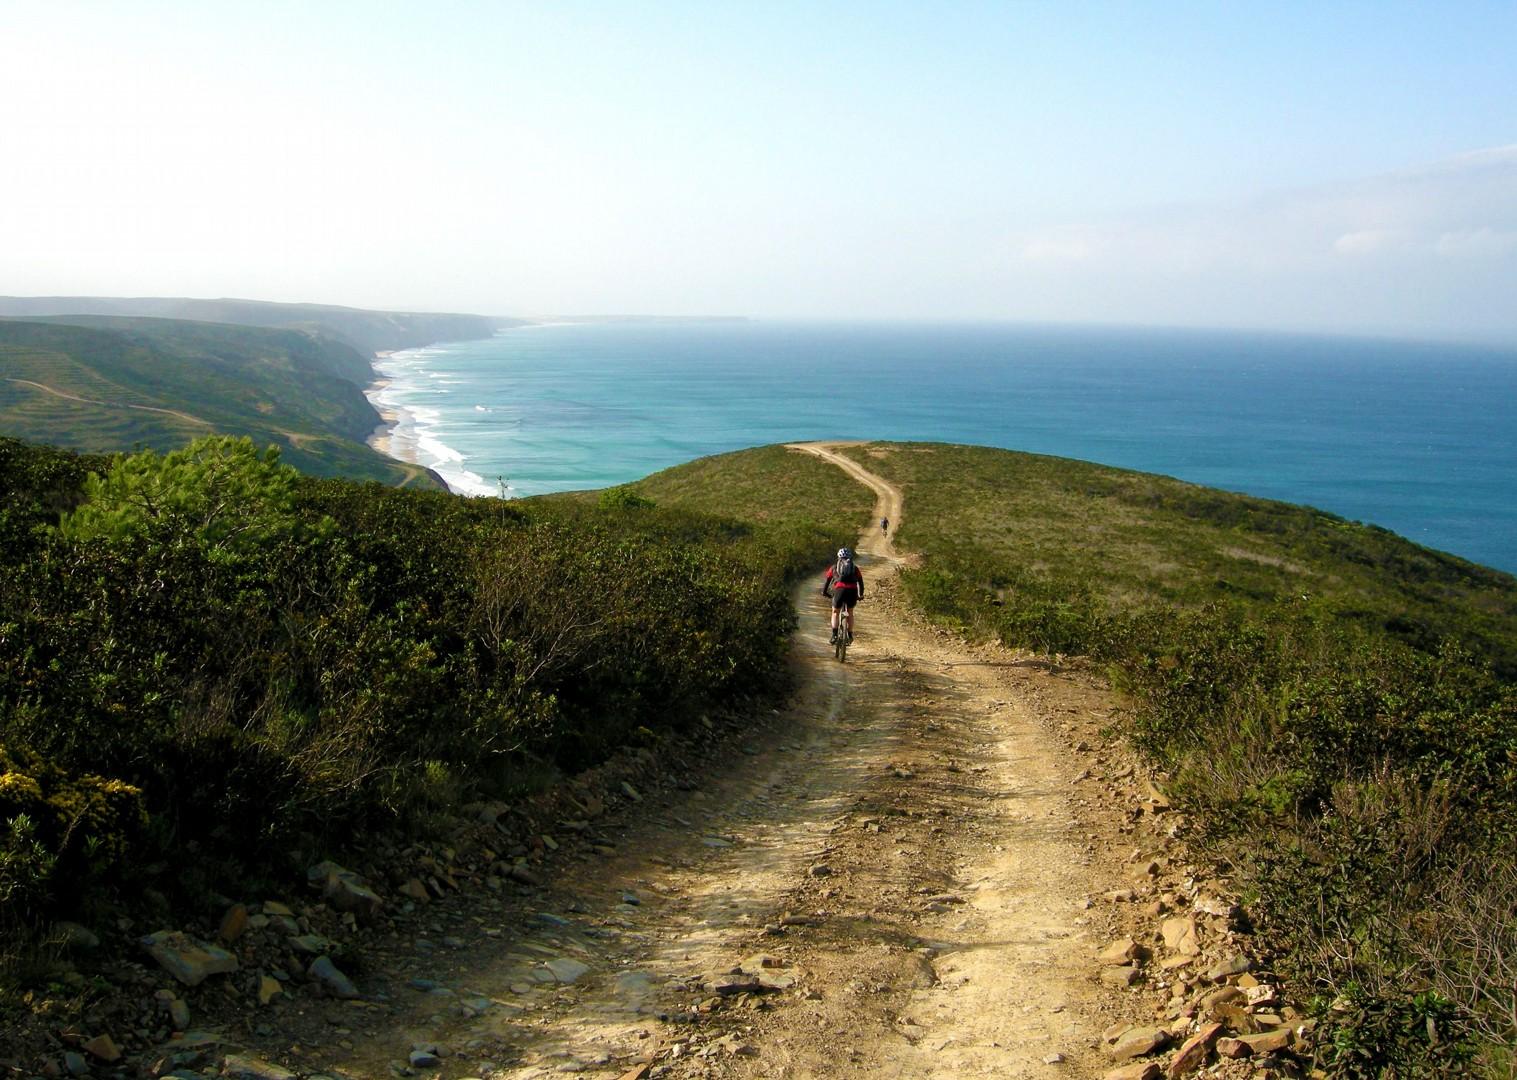 ocean-clifftop-trail-arrabida-natural-park-portugal.jpg - Portugal - Atlantic Trails - Guided Mountain Bike Holiday - Mountain Biking